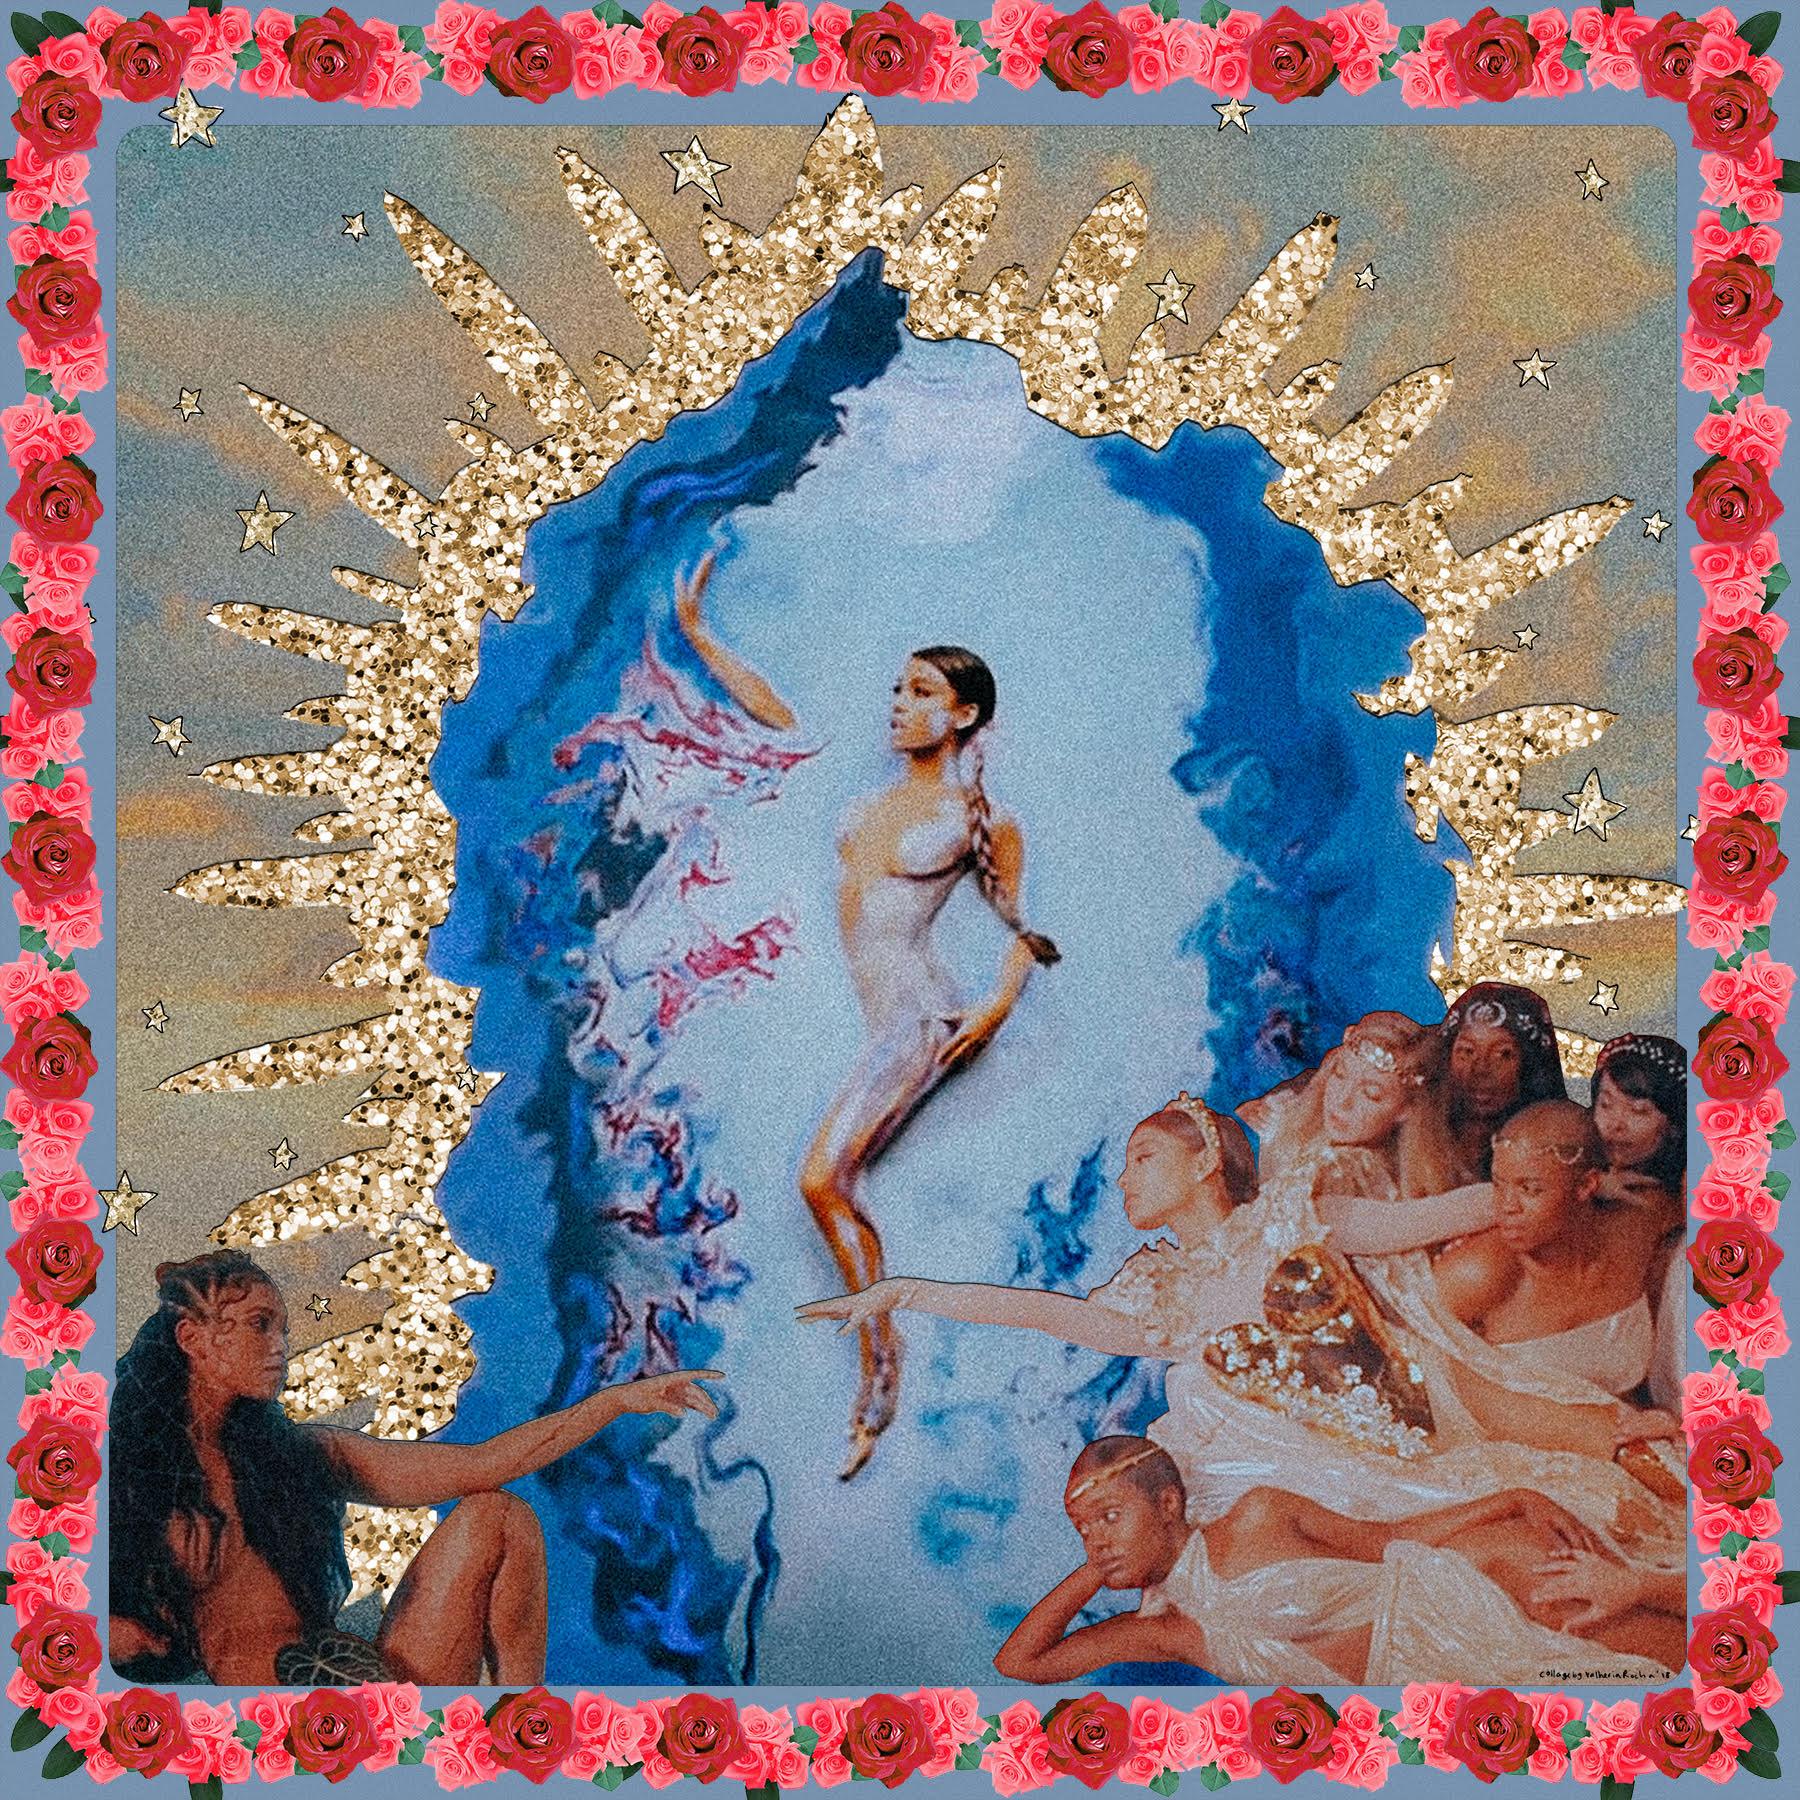 Collage by Valheria Rocha